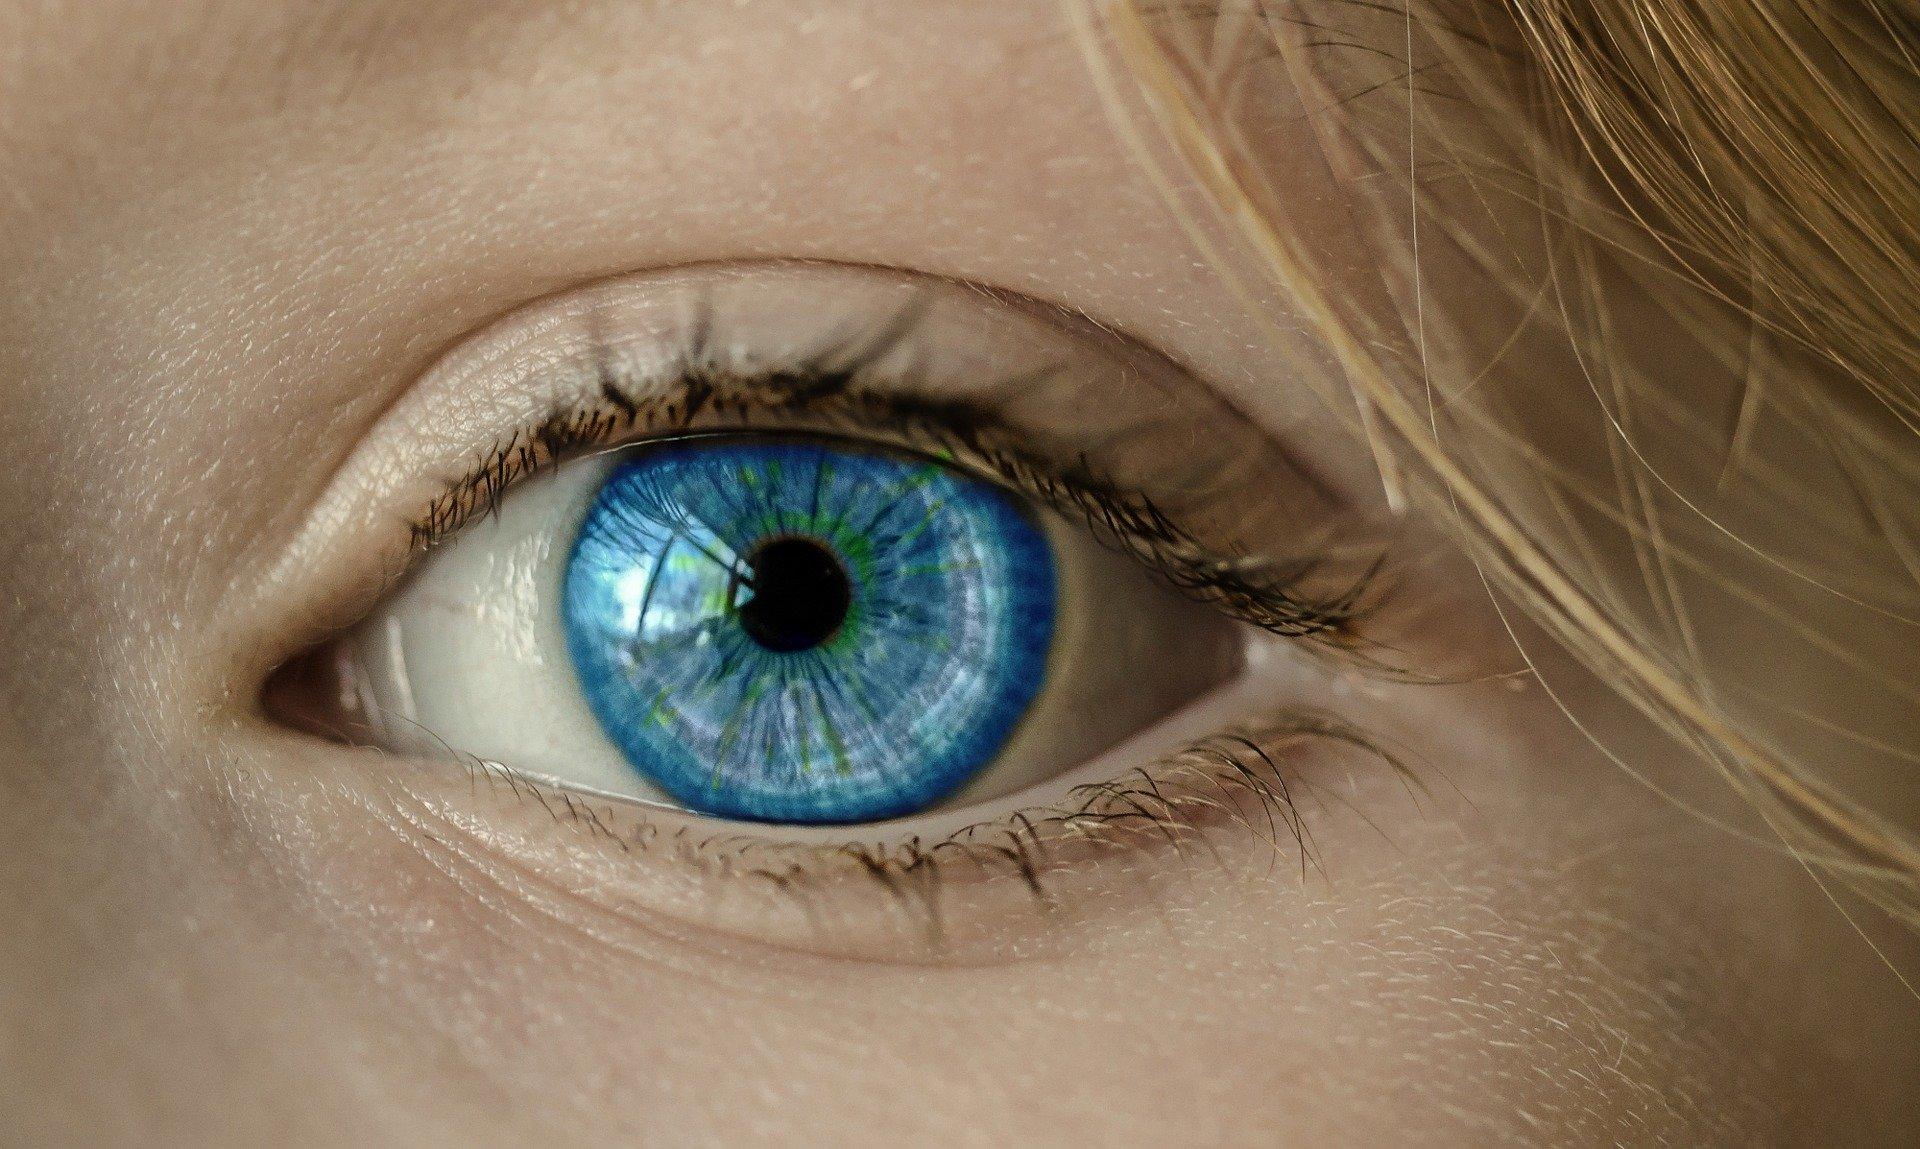 csökkent látási kötőhártya-gyulladás